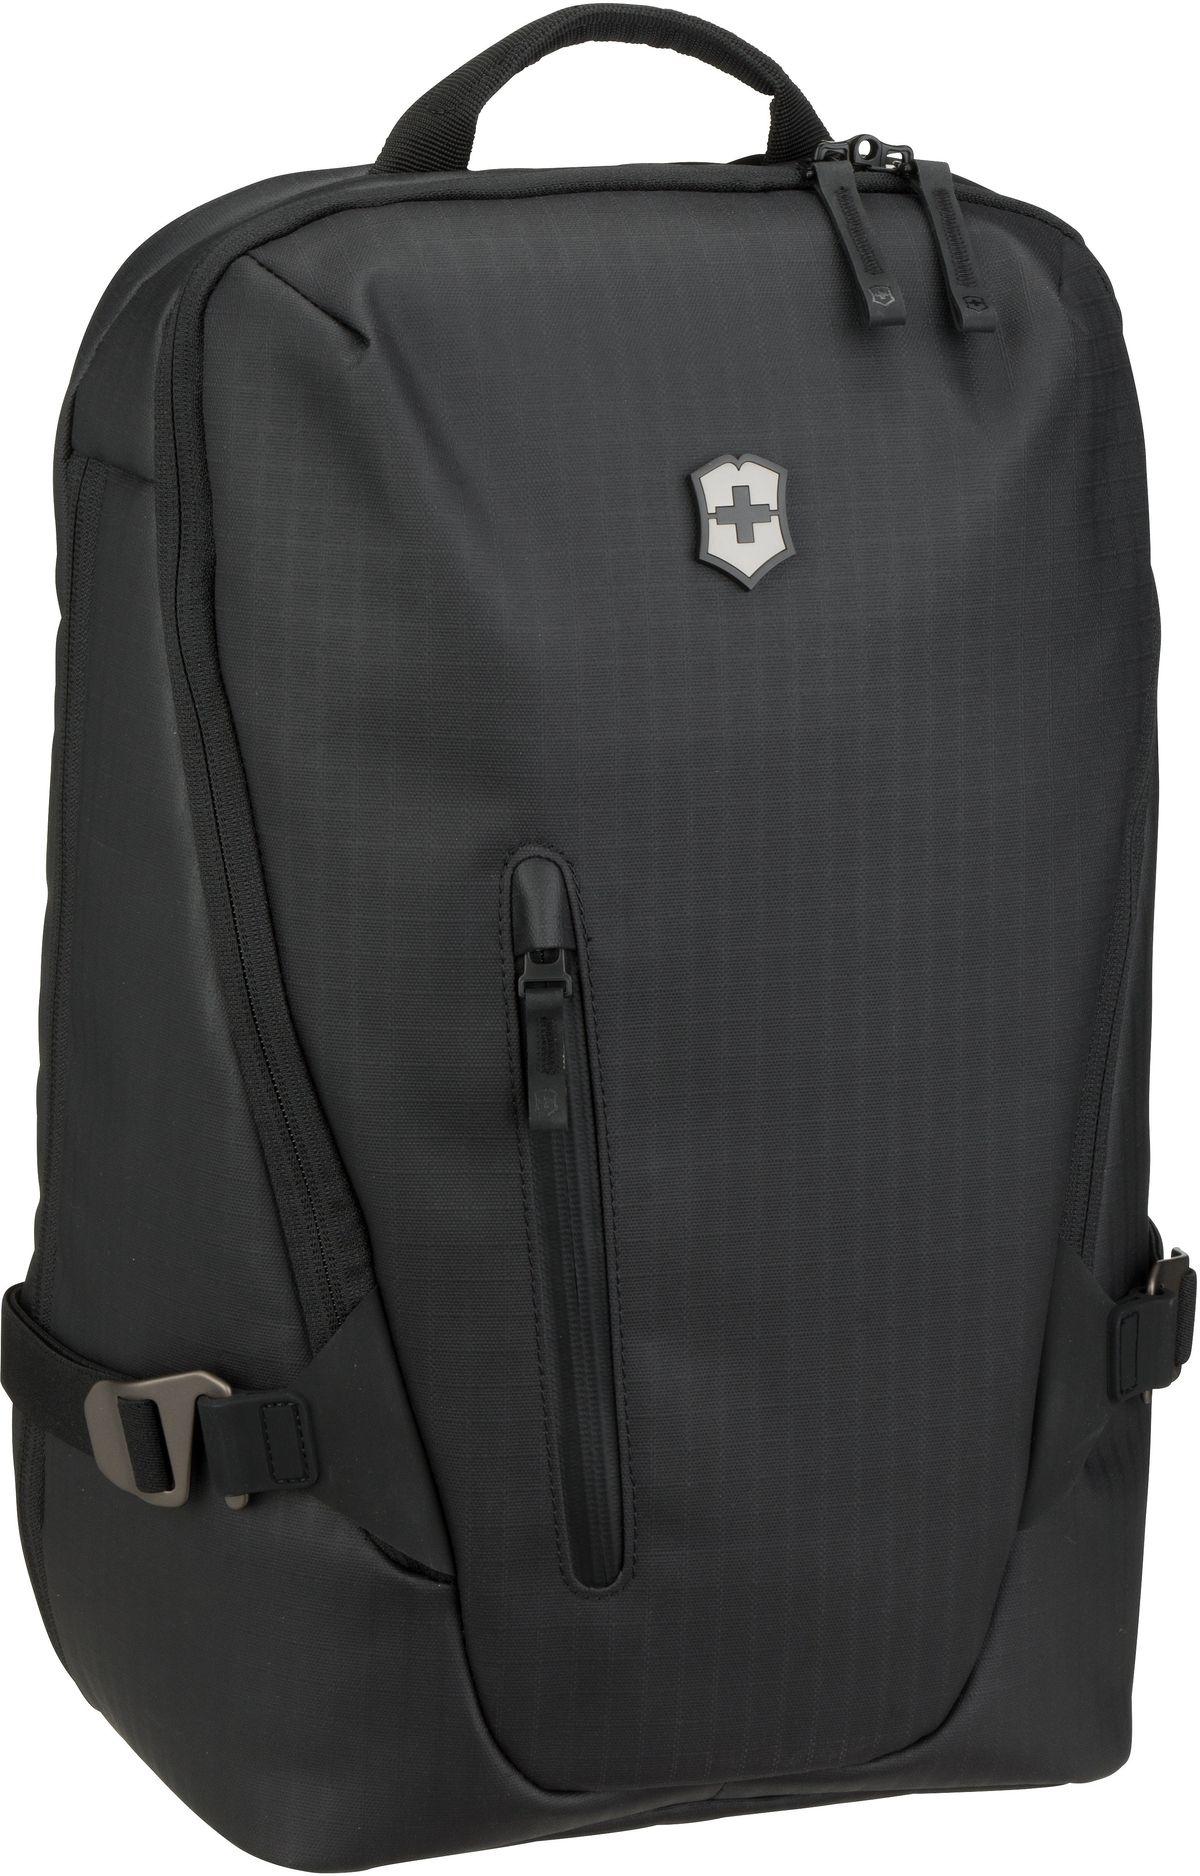 Laptoprucksack Vx Touring CitySports Daypack Black (18 Liter)